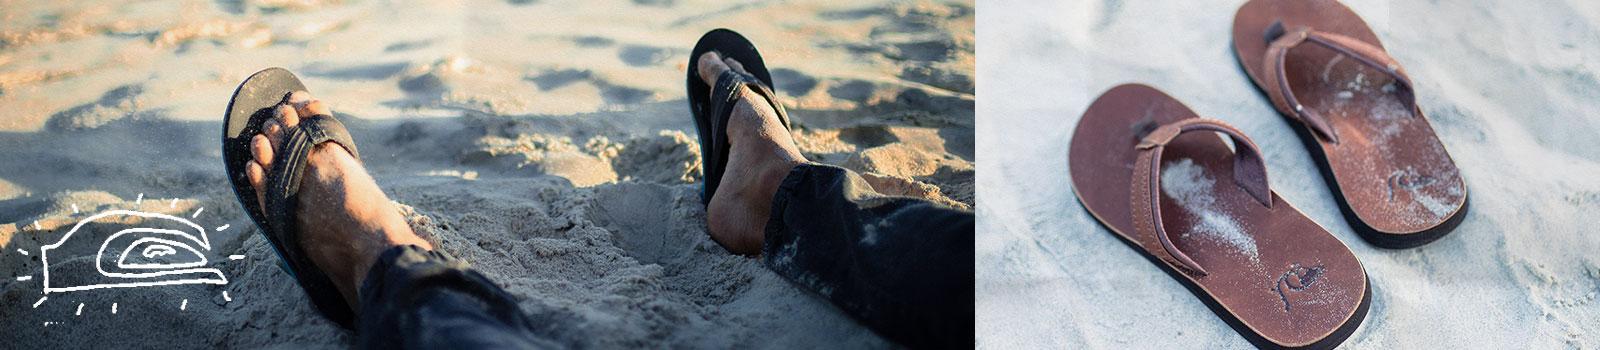 пляжная обувь, шлепанцы мужские купить, мужские шлепки интернет магазин